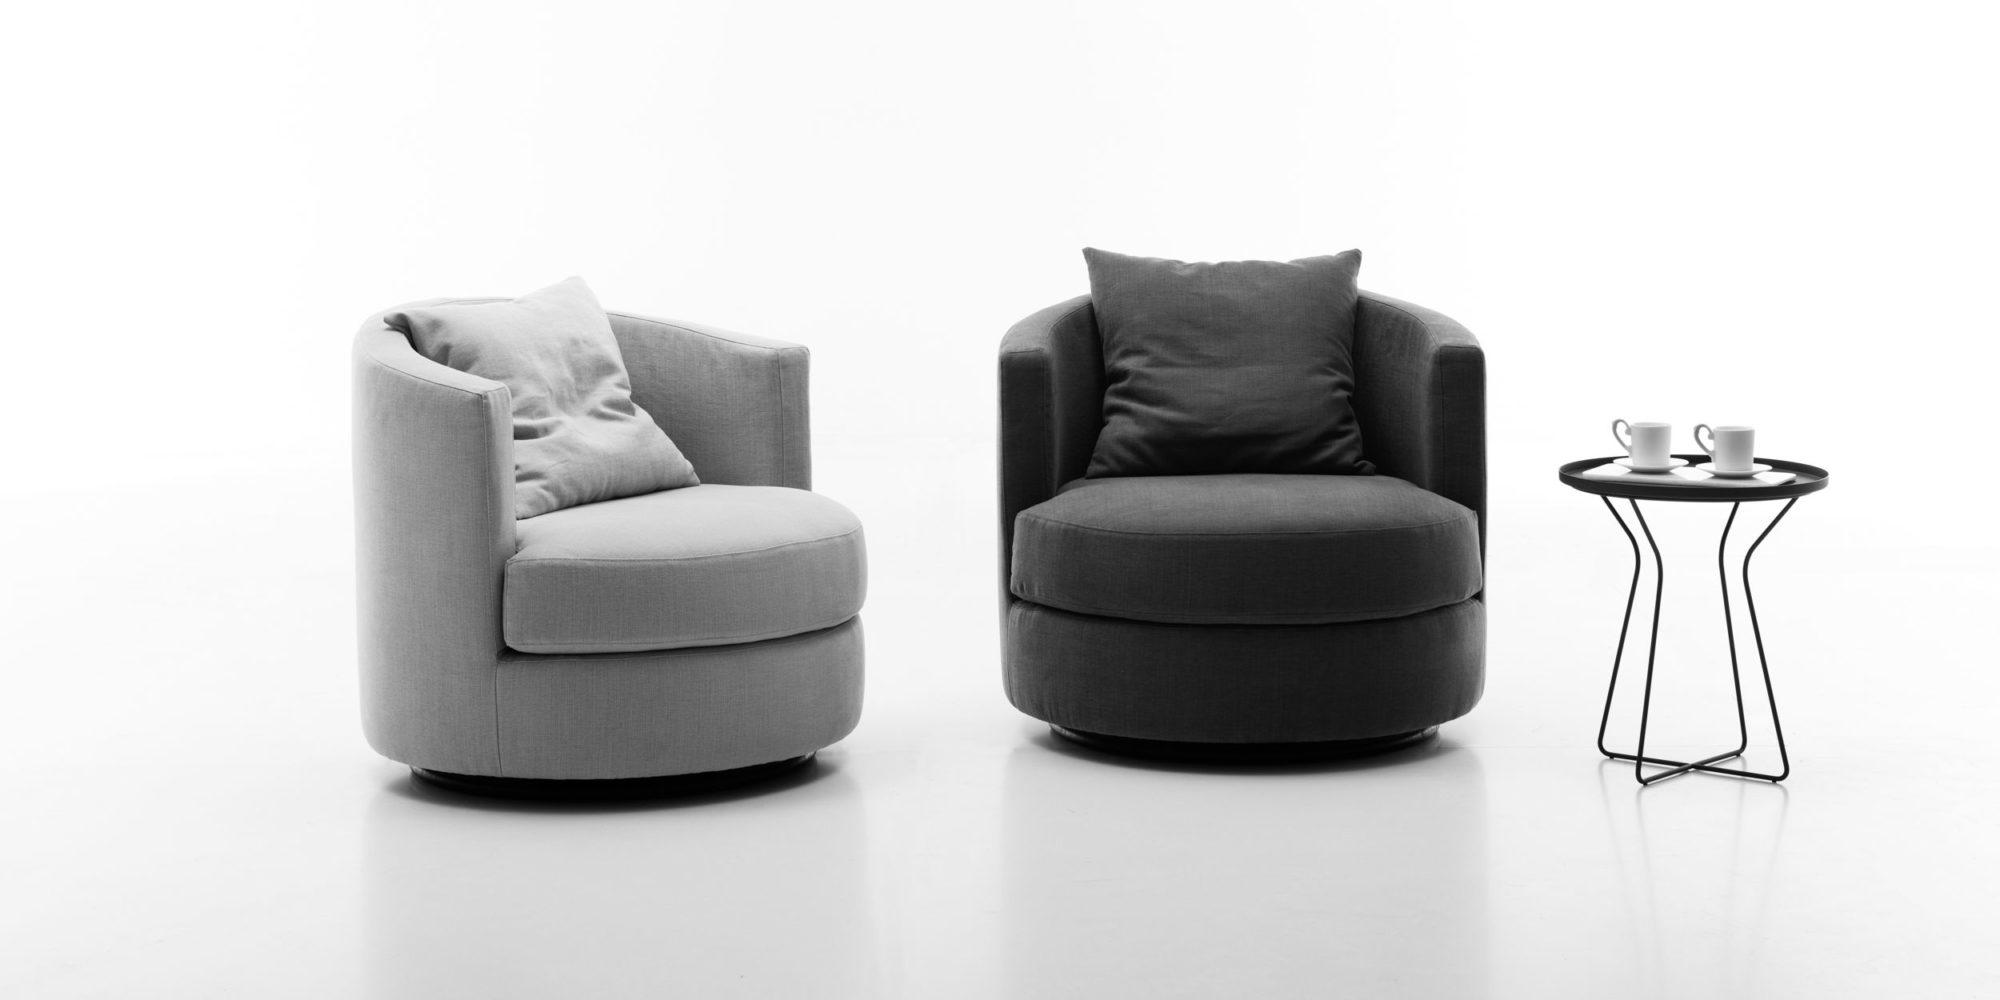 Klimat jesiennych wieczorów — wybierz dla siebie idealny fotel!